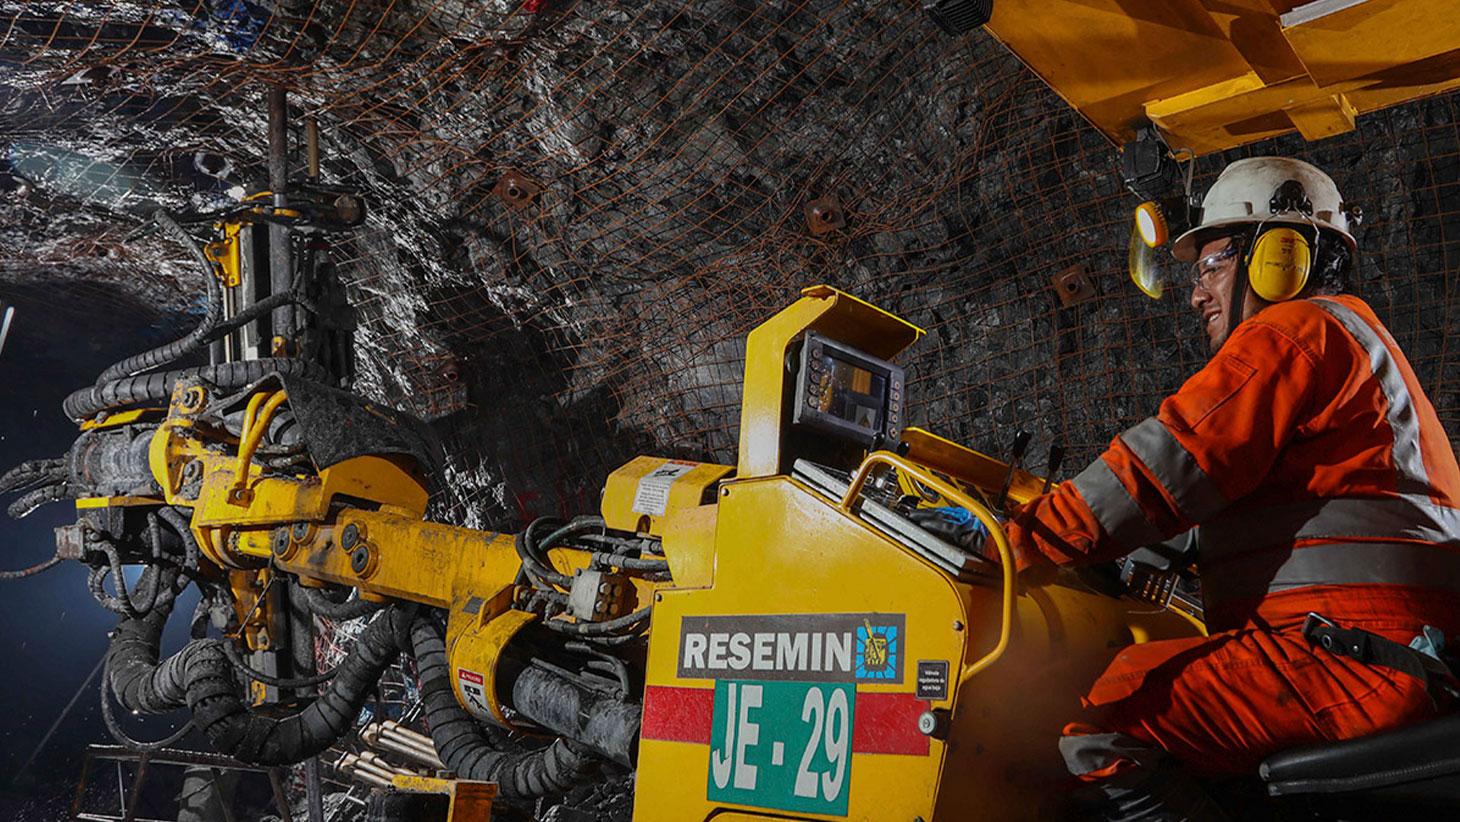 RESEMIN innova bajo tierra con el uso de ANSYS en la creación de equipos para minería subterránea